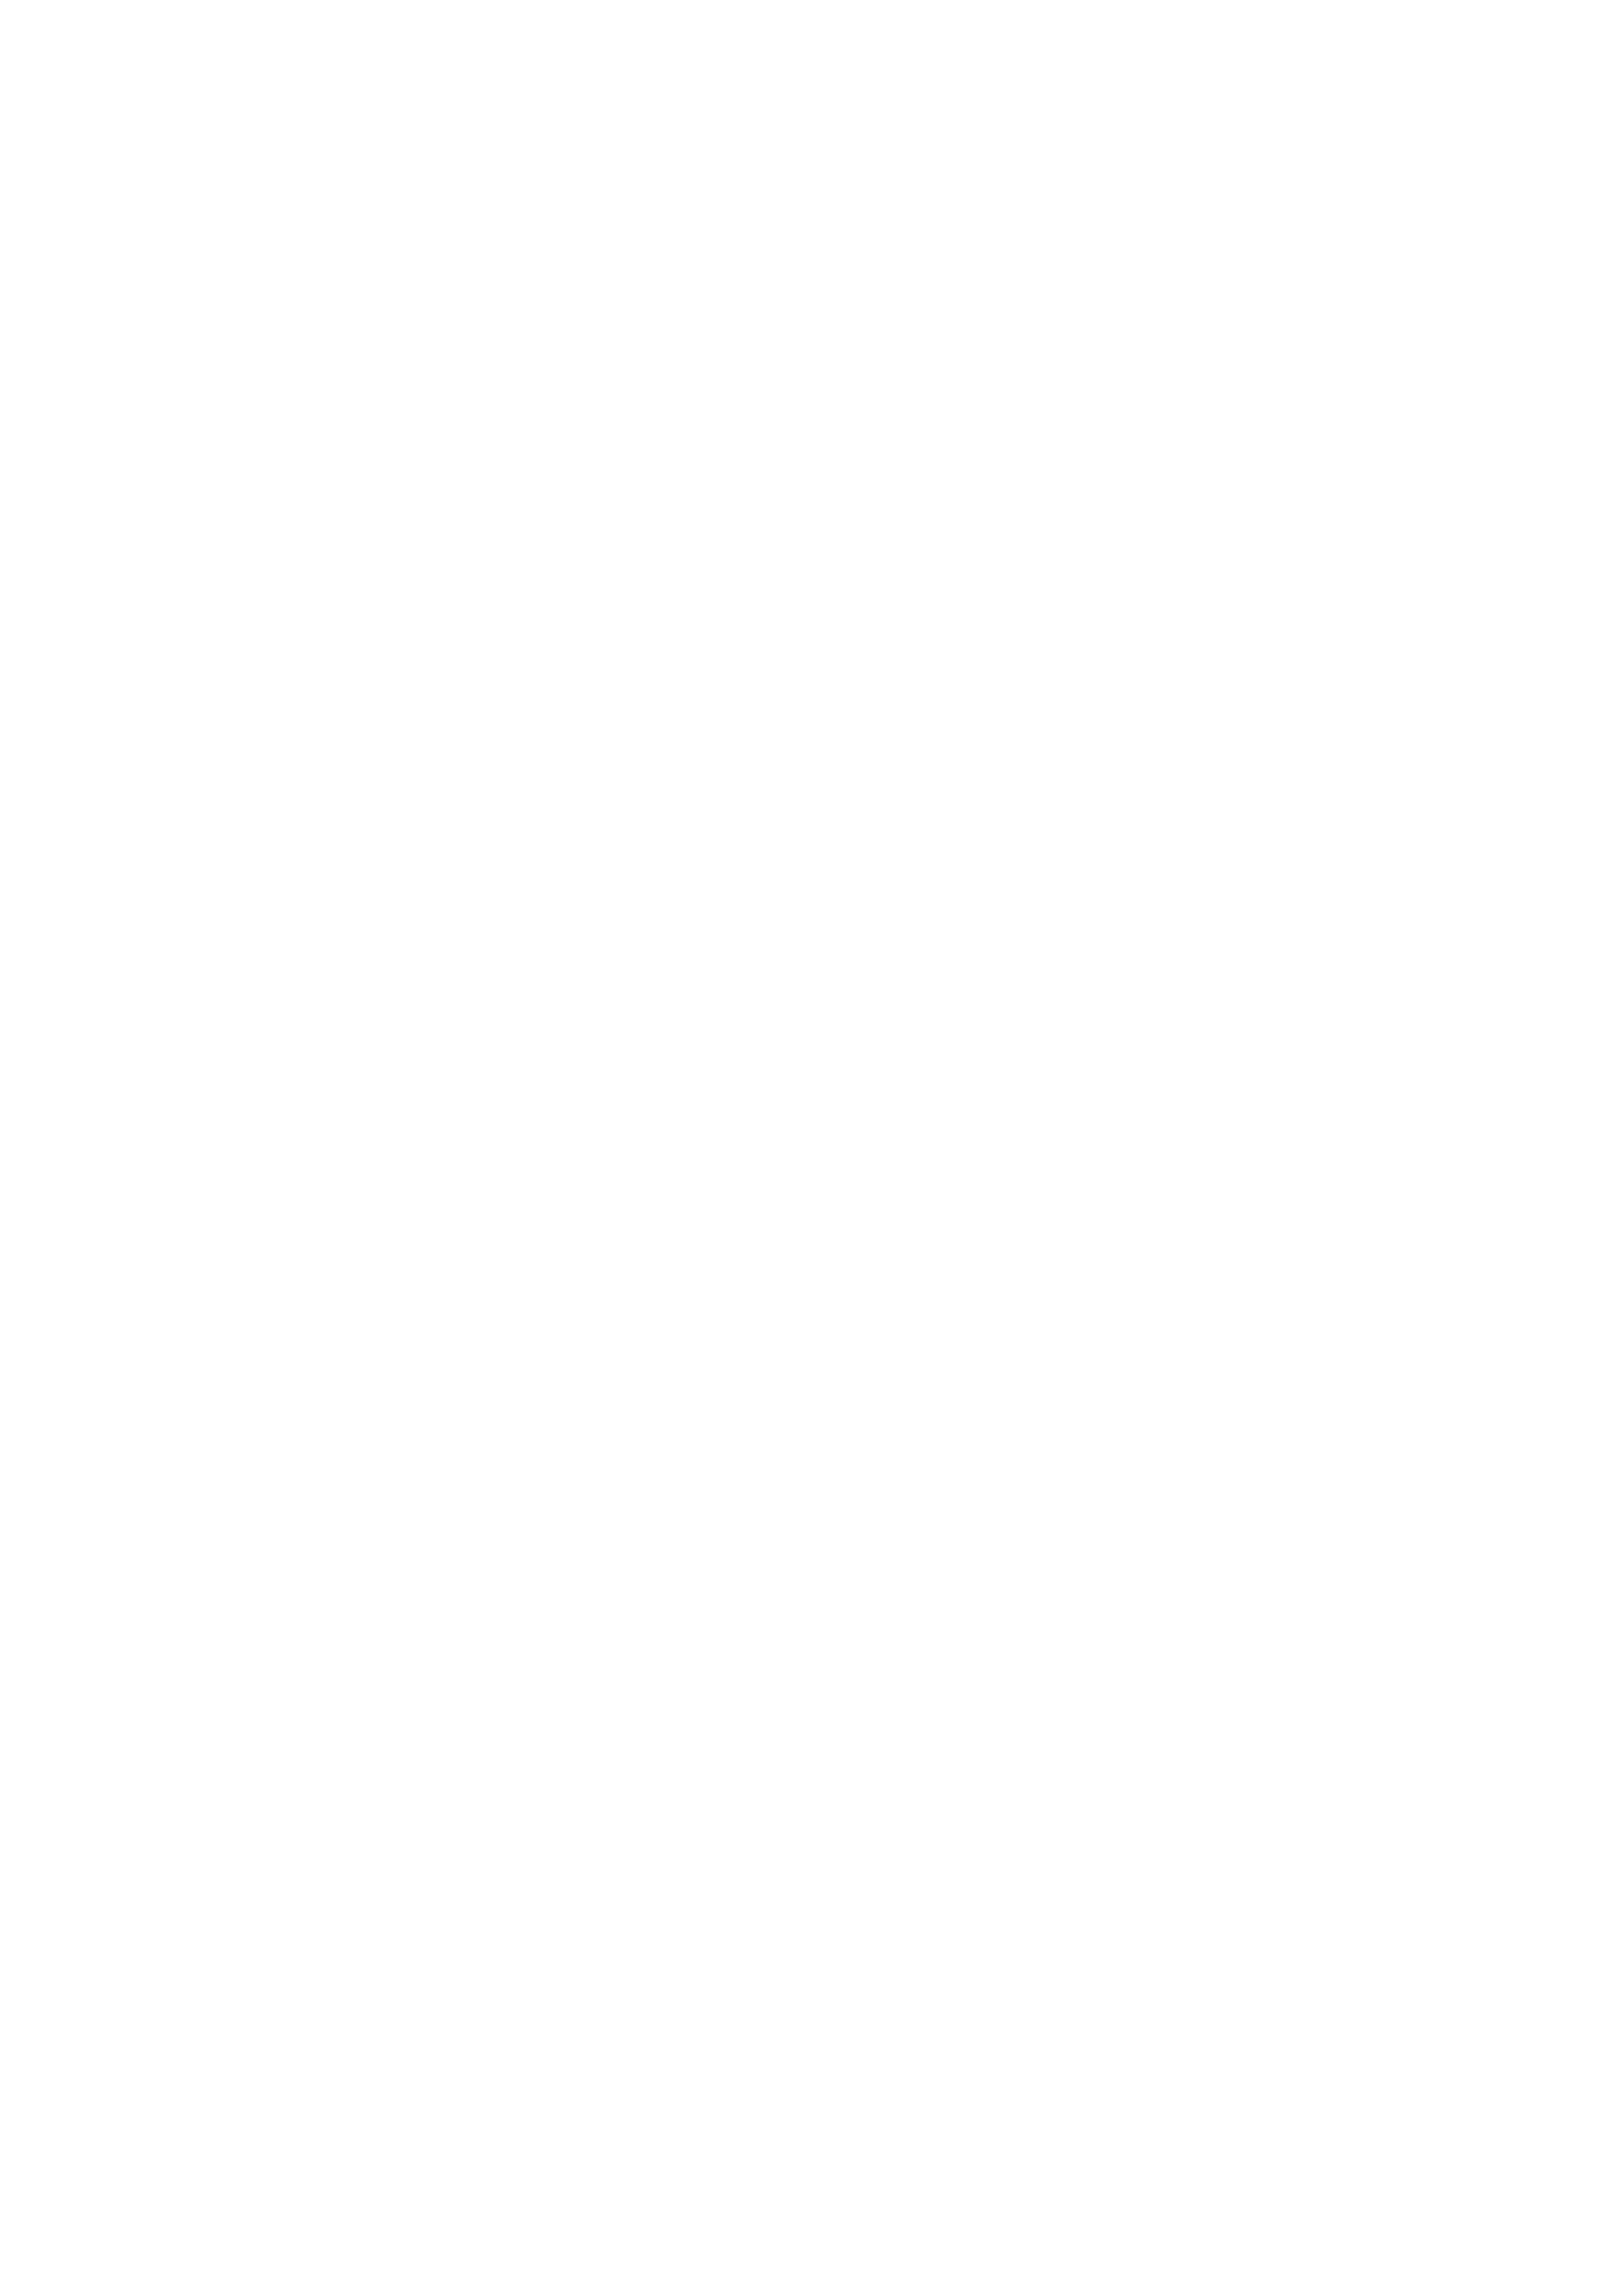 ピコえっくす☆きゅーと「ひめの~Blue Bird's Song~コーデset~(アゾンダイレクトストア限定ver.)」